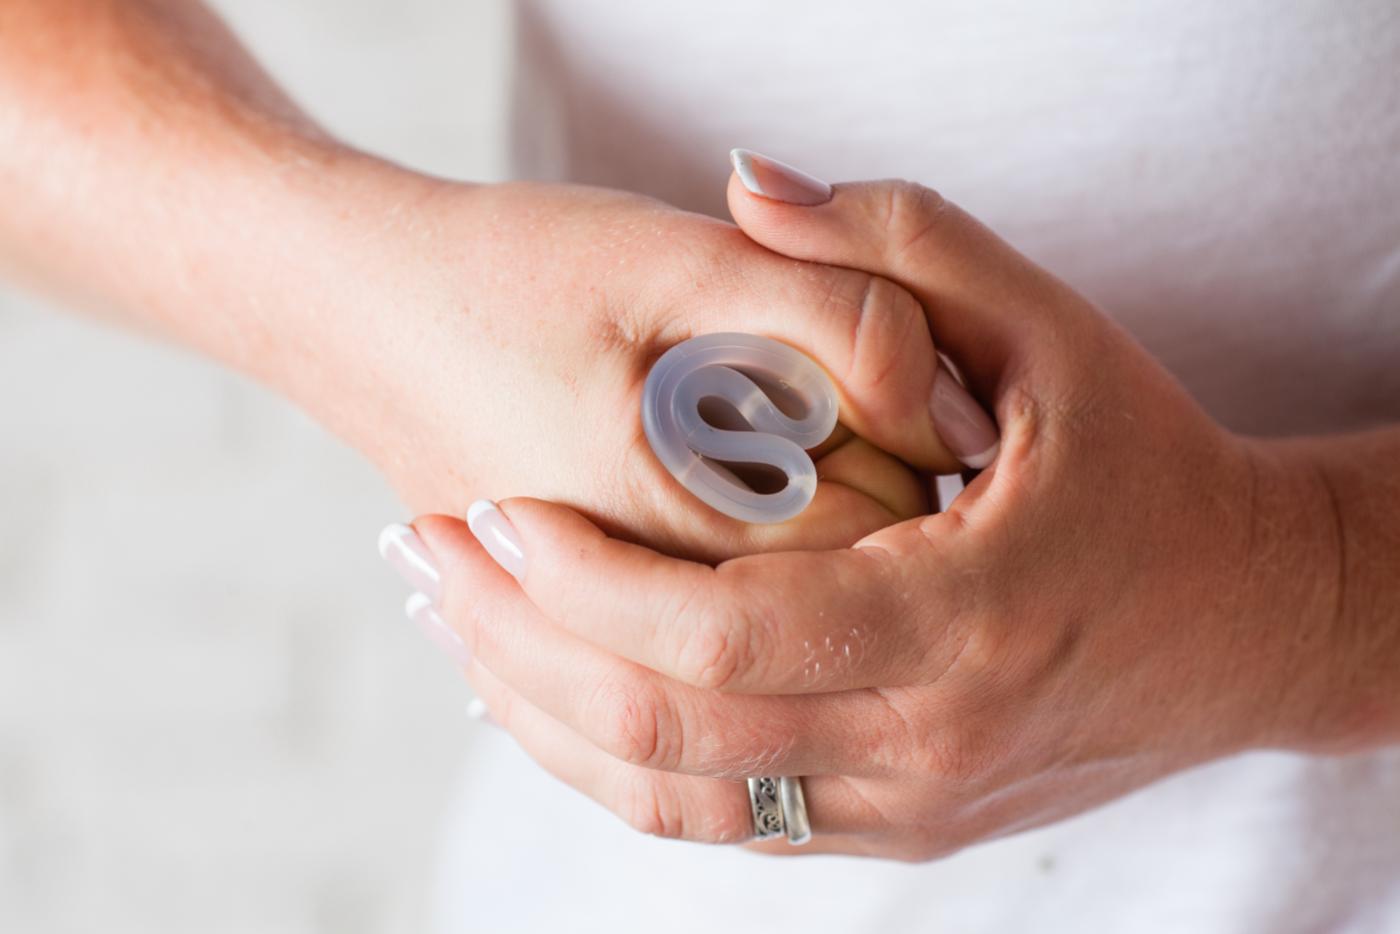 hogyan kell helyesen felvenni a péniszgyűrűt)